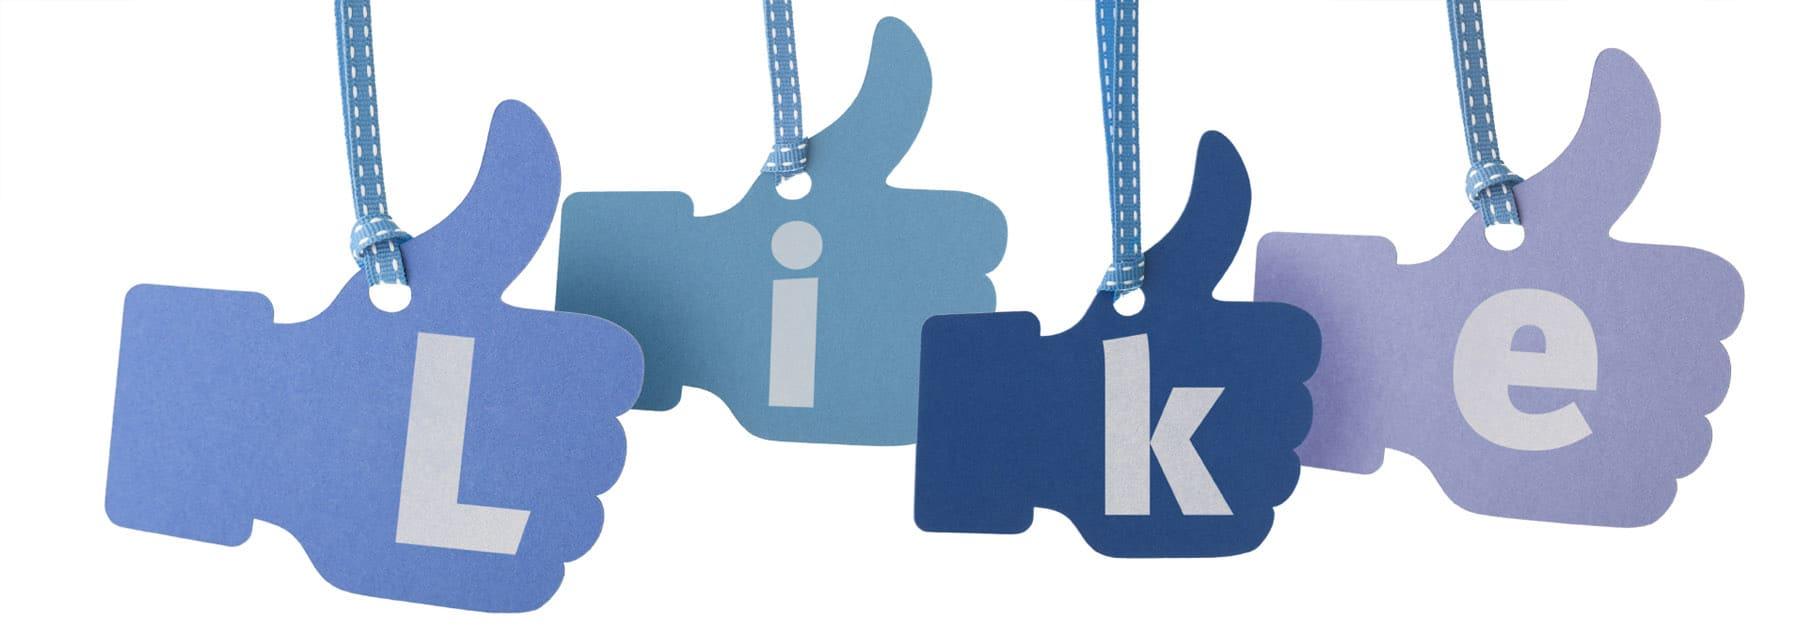 MARKETING DIGITAL SOCIAL SPOT SOCIAL MEDIA (4)